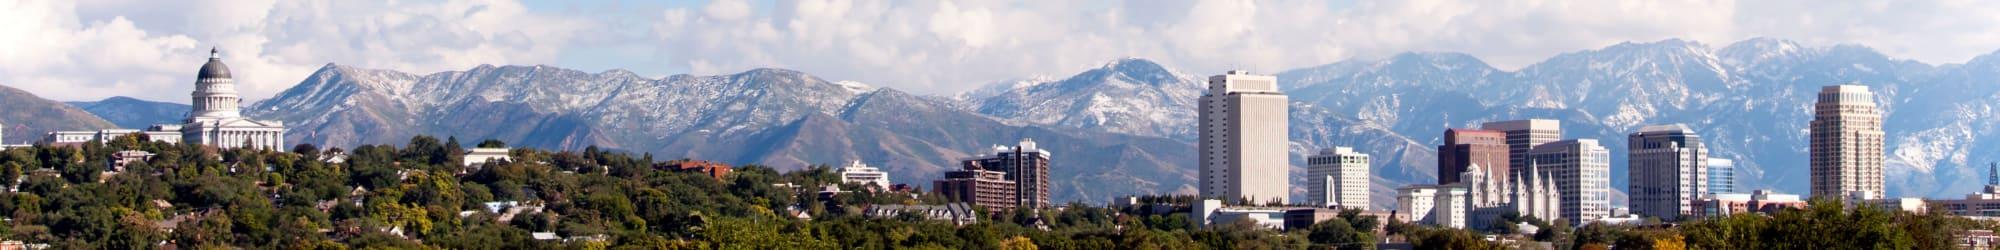 Photos of Liberty SKY in Salt Lake City, Utah